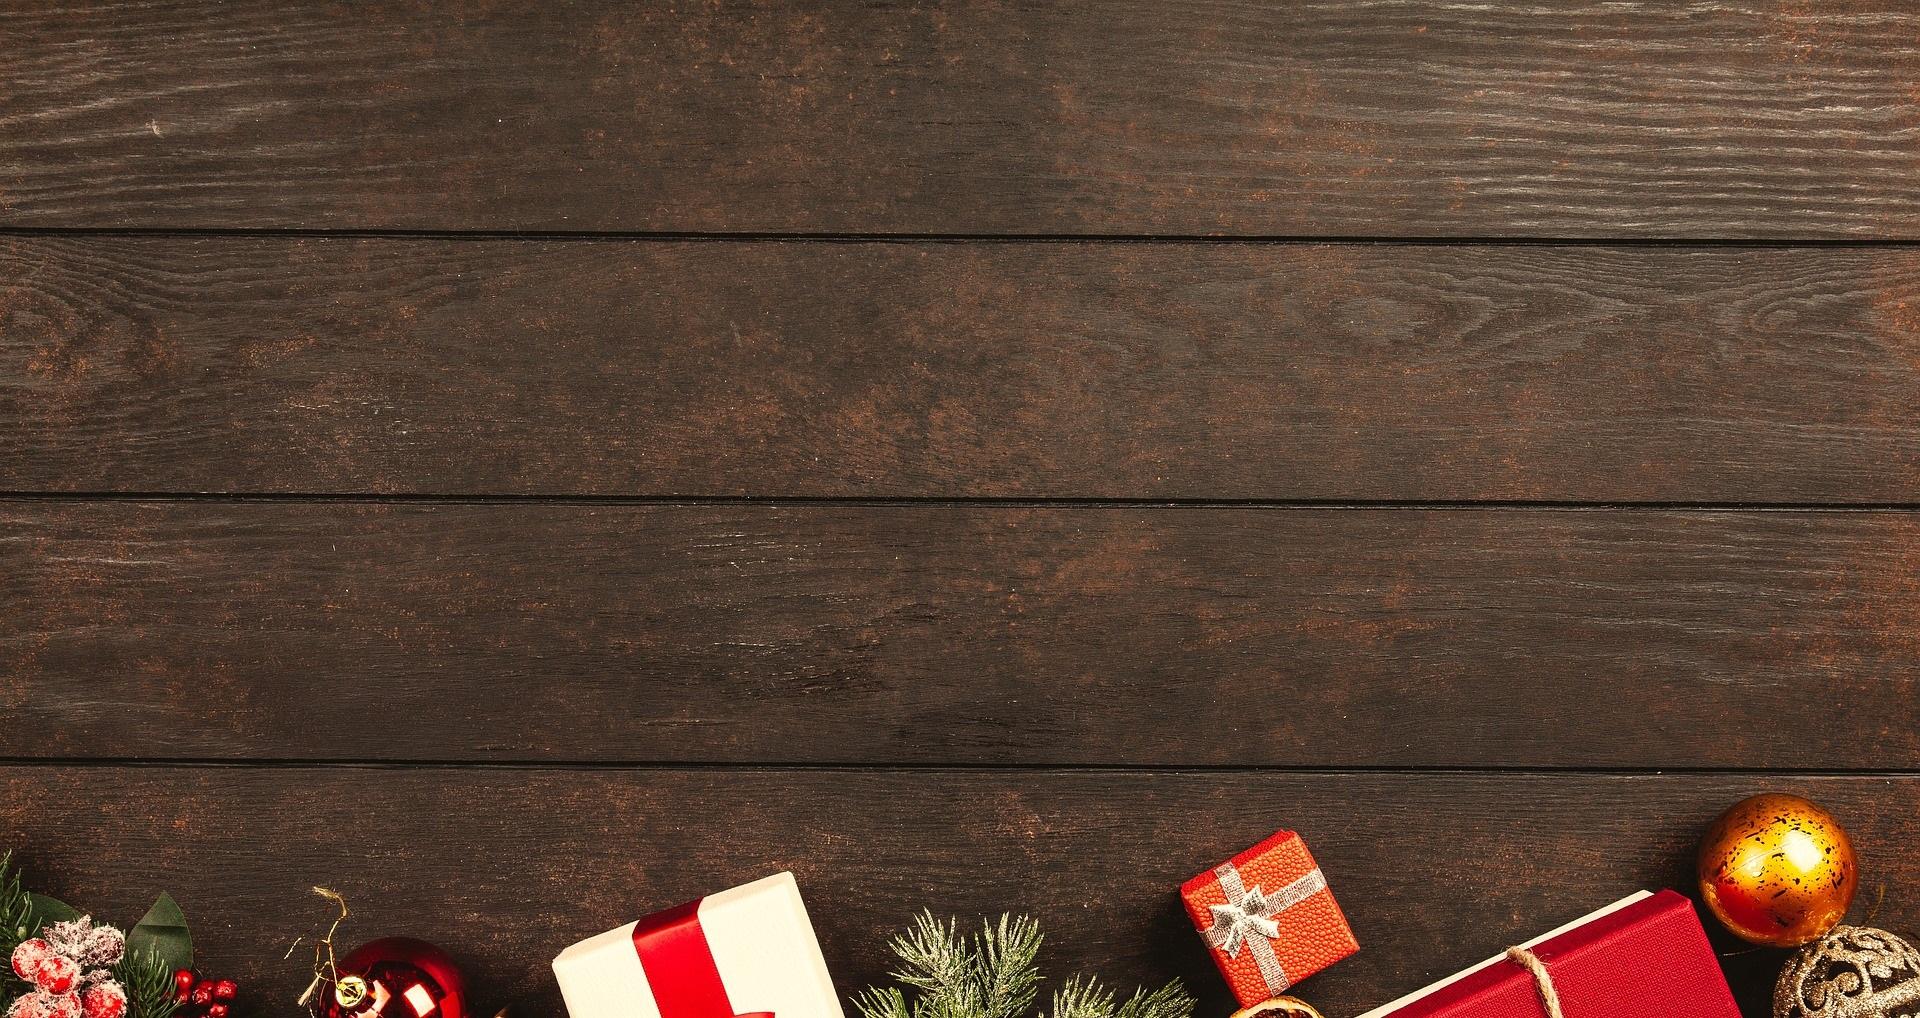 Juldekorationer (paket, kulor, granbarr med mera) mot bakgrund i form av mörka plankor.